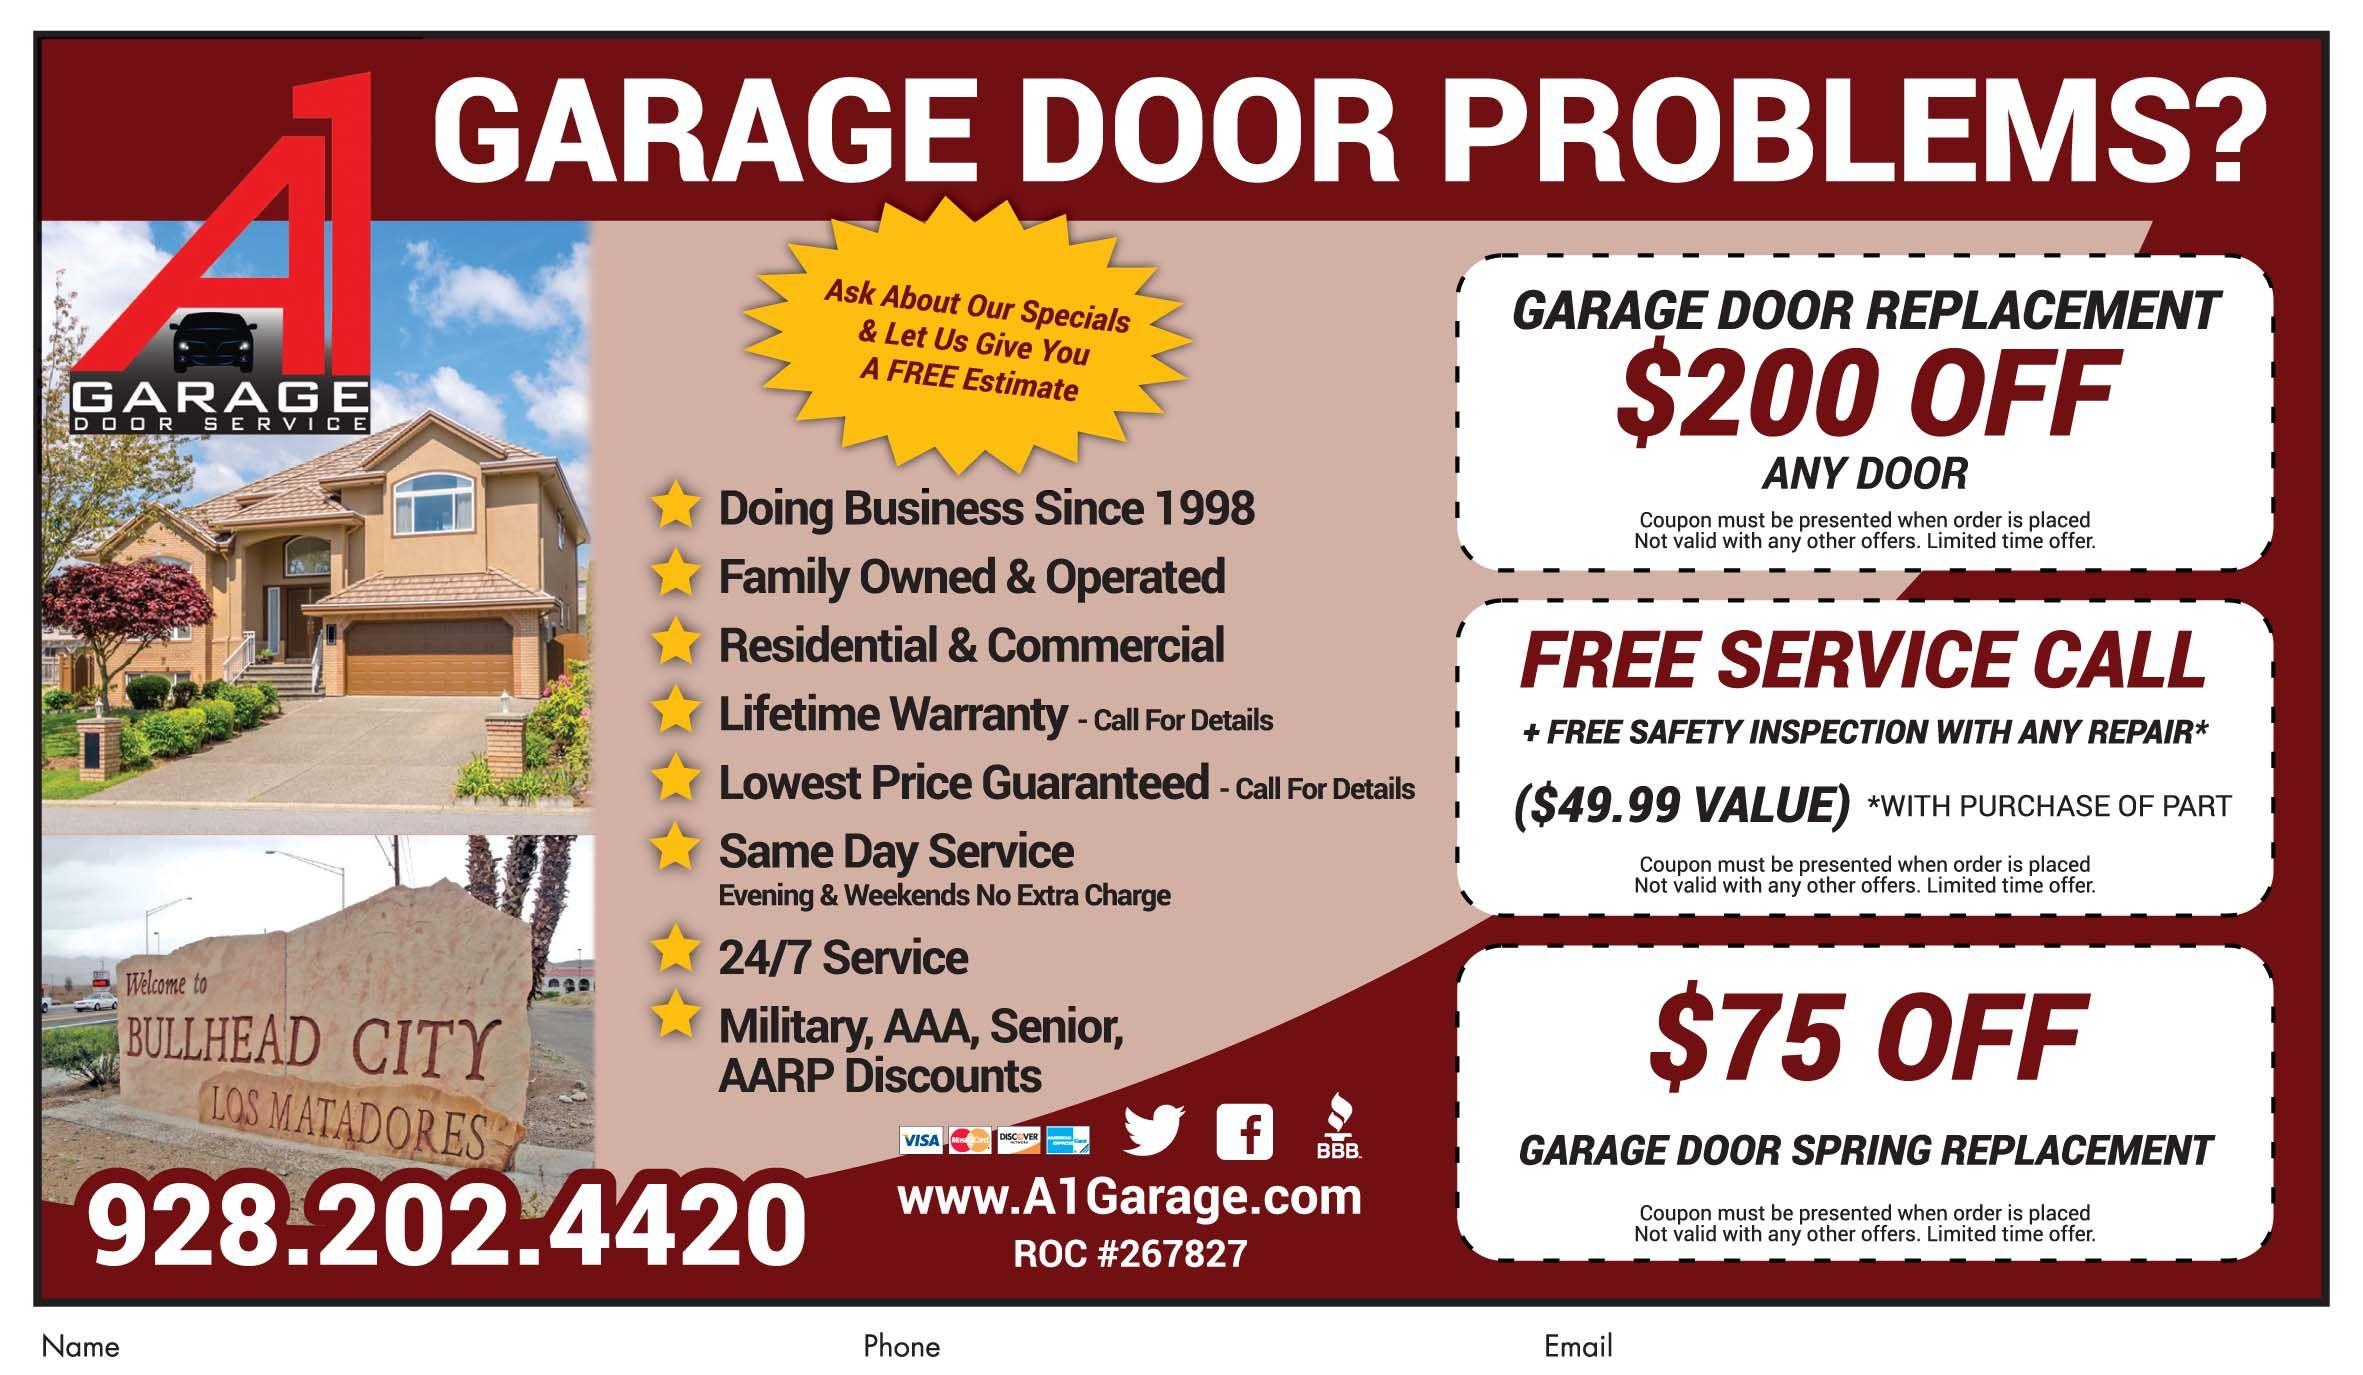 Get 200 Off Any Garage Door Replacement At A1 Garage Door Repair